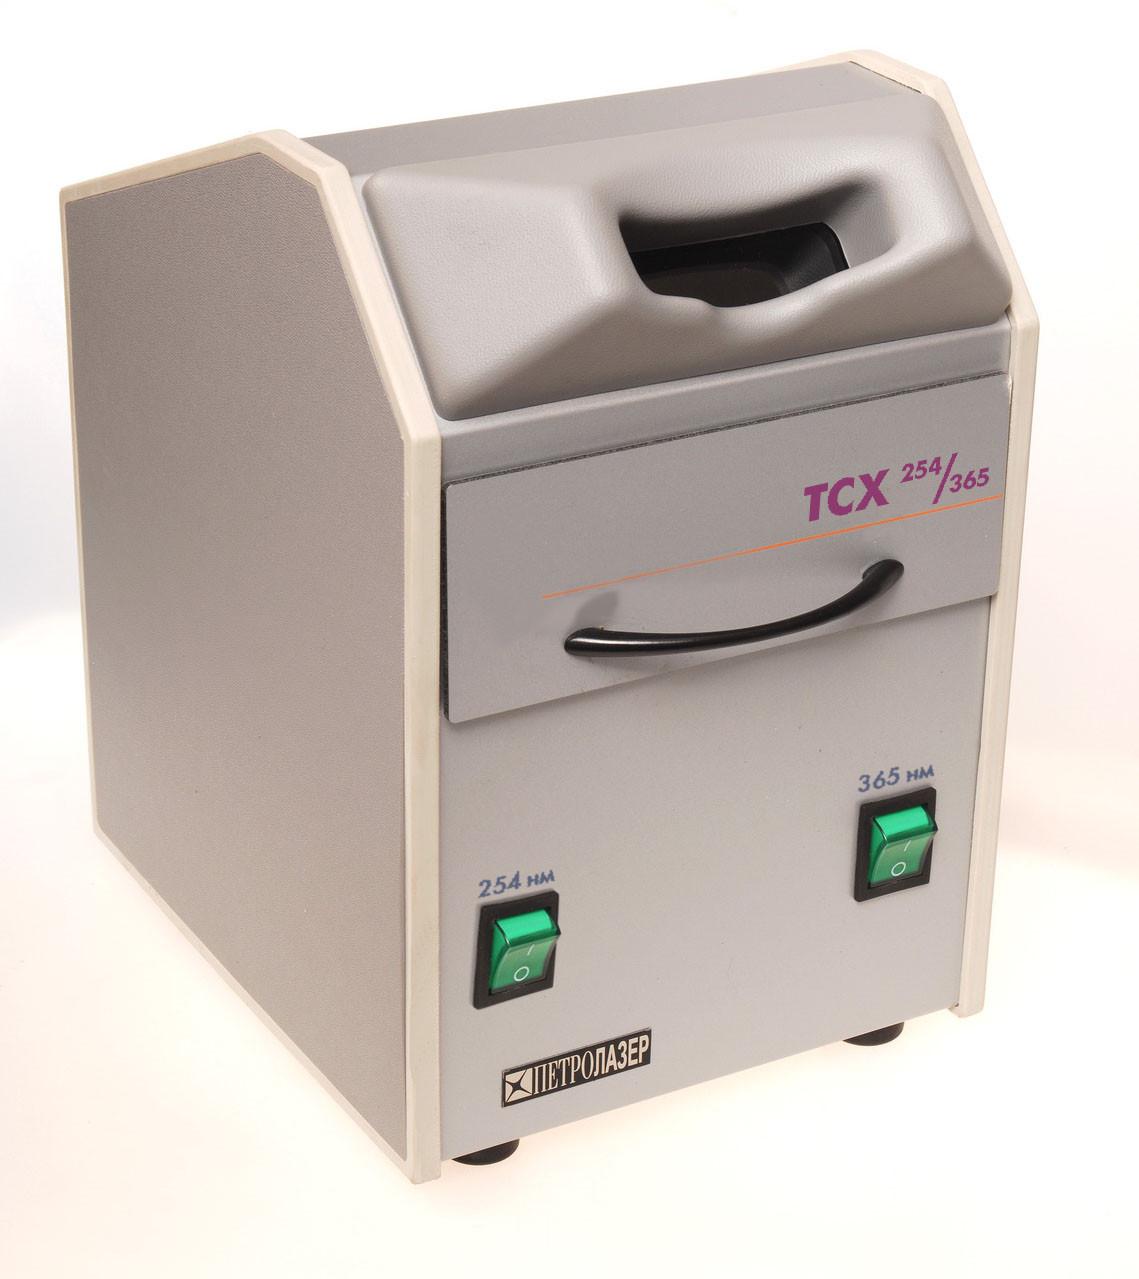 Ультрафиолетовый облучатель ТСХ-254/365